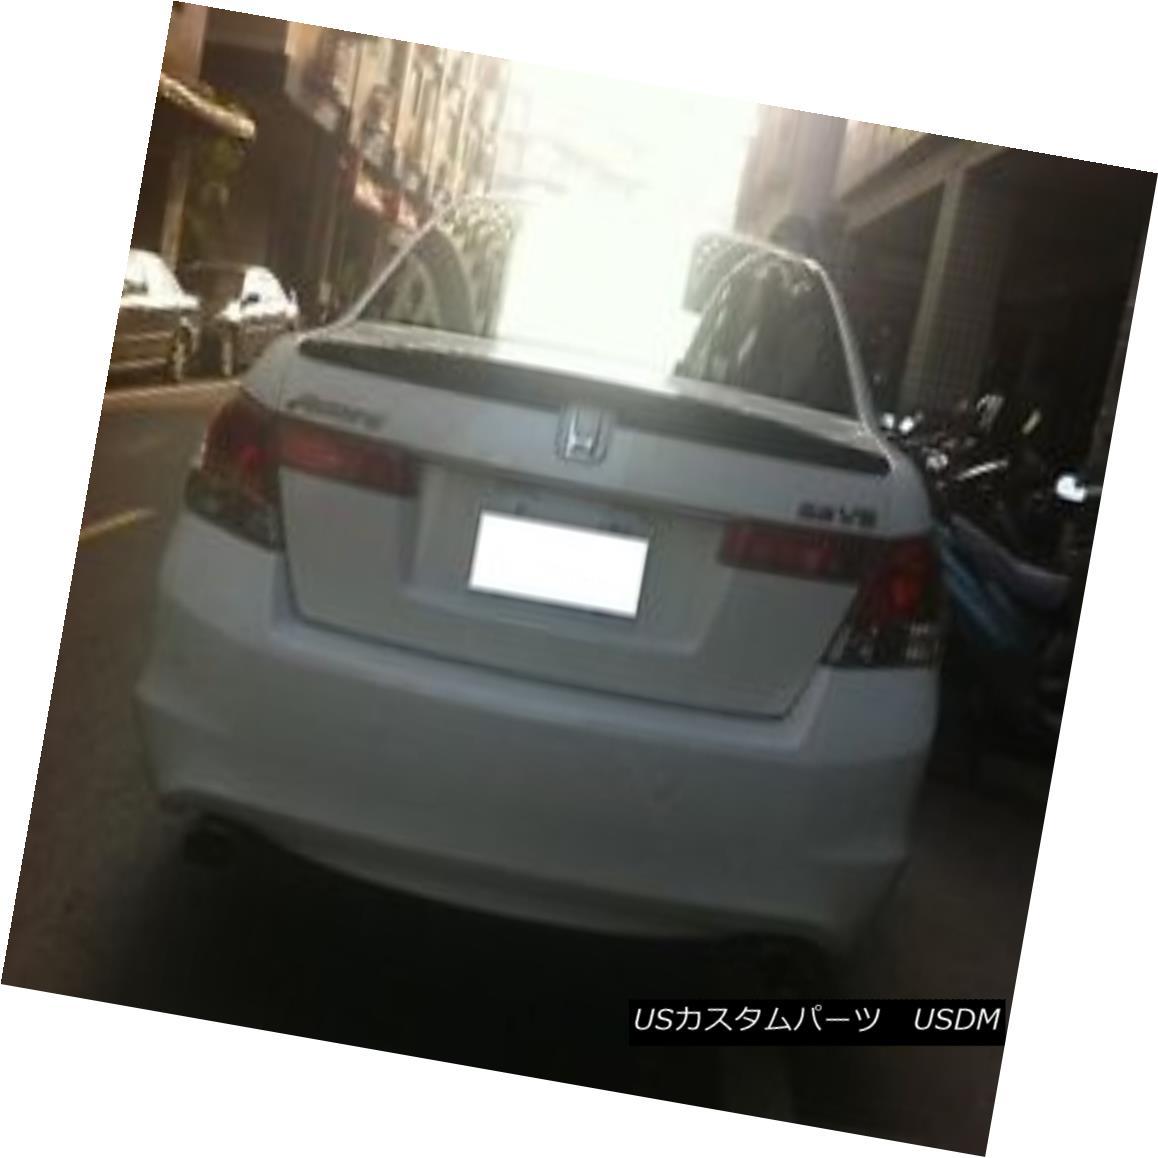 エアロパーツ Painted Honda 08-12 ACCORD Sedan OEM type rear trunk spoiler color:NH731P Black◎ 塗装ホンダ08-12 ACCORDセダンOEMタイプの後部トランクスポイラーカラー:NH731Pブラック?